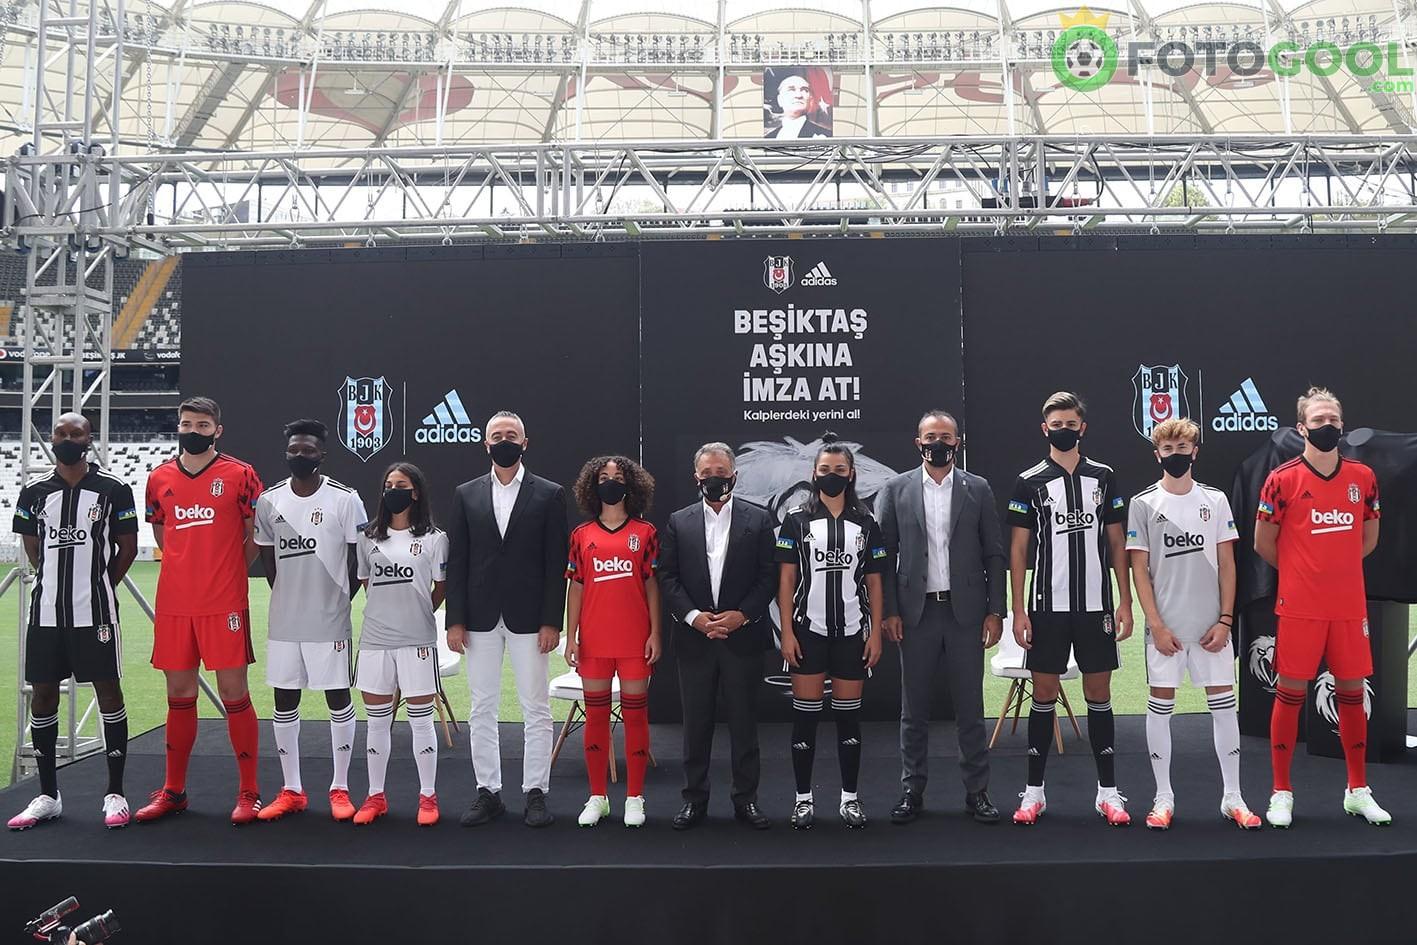 Beşiktaş yeni formalarını tanıttı.